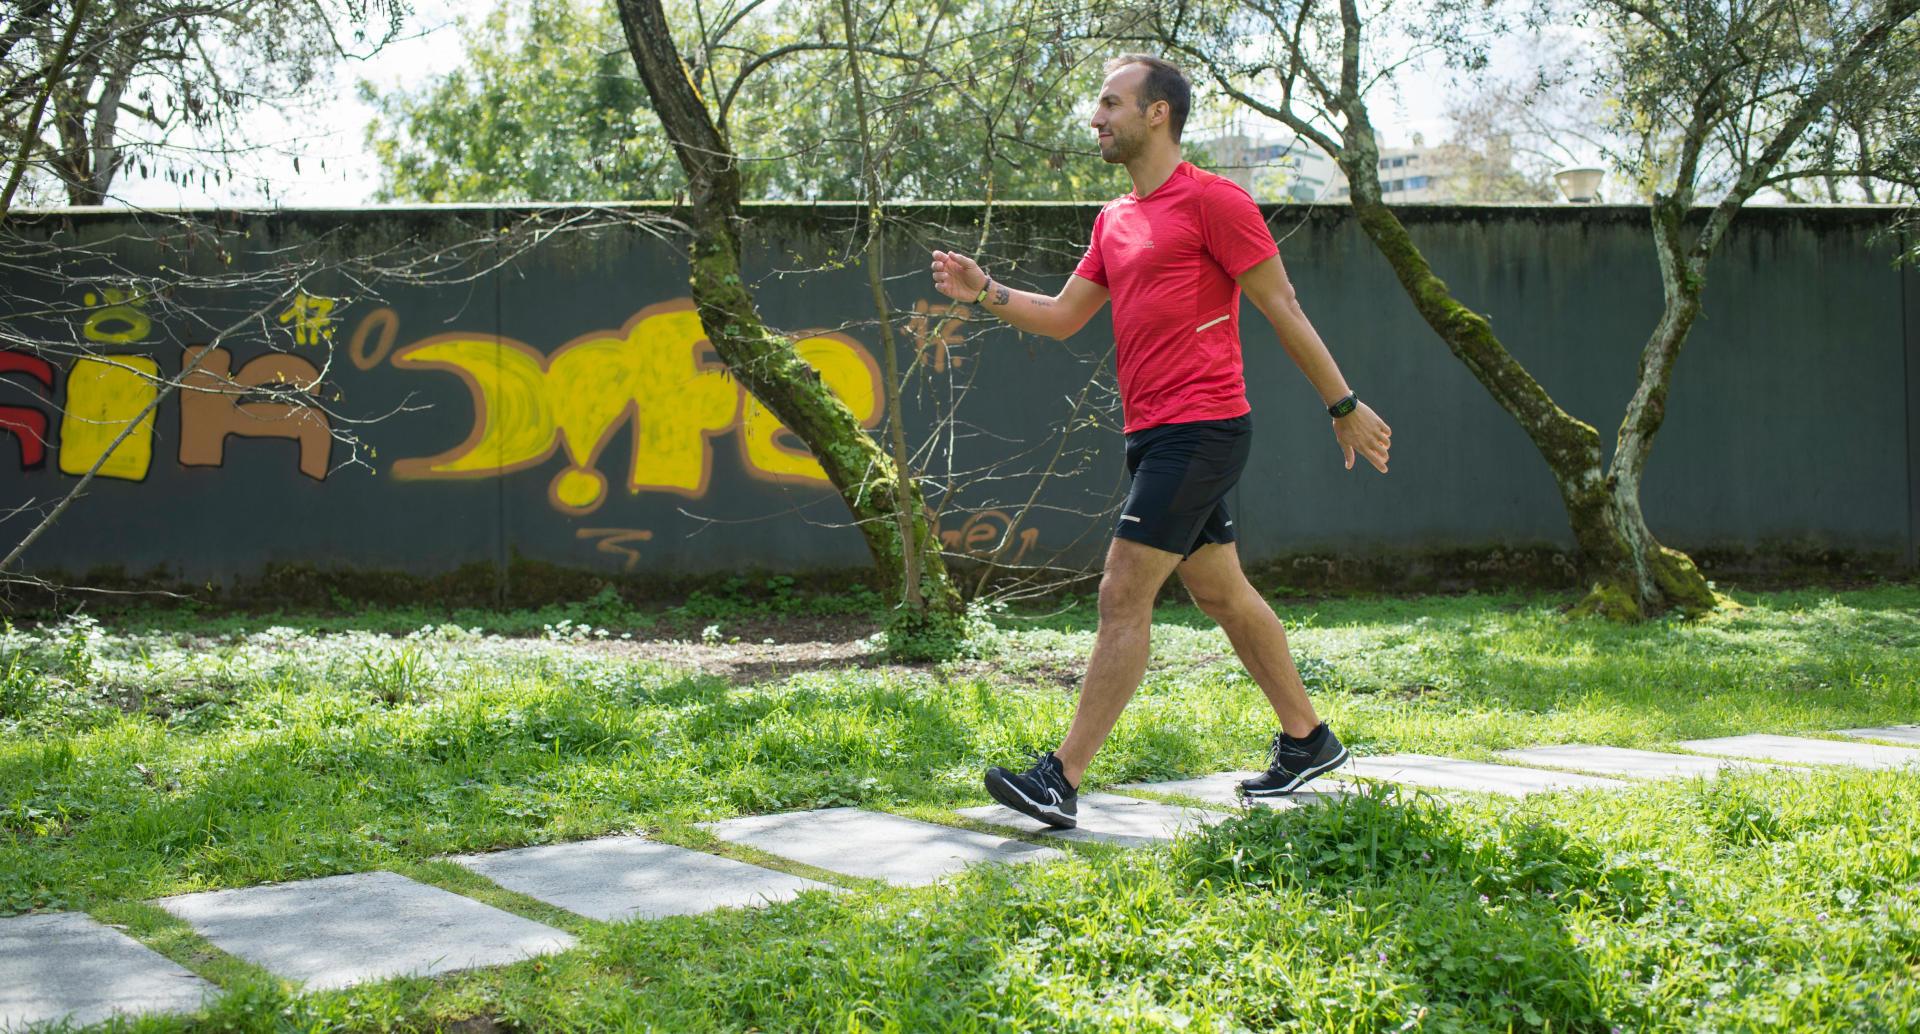 4-conseils-marche-sportive-plaisir-ete